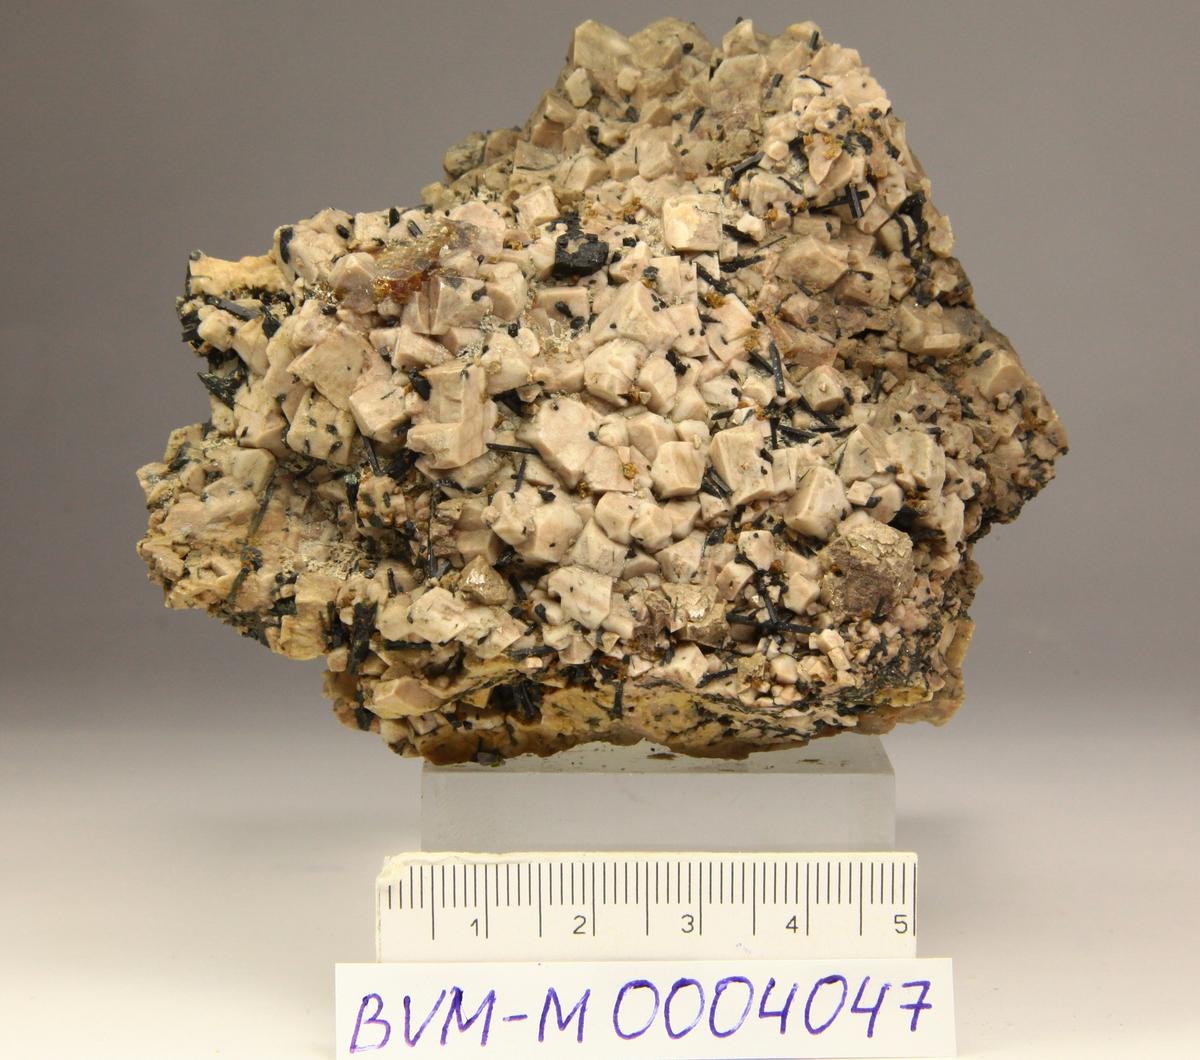 Monazitt (Ce), varmbrun translucent plateformet bruddstykke, med zirkonpåvekst, mikroklin, ægirin, +?, kvarts.